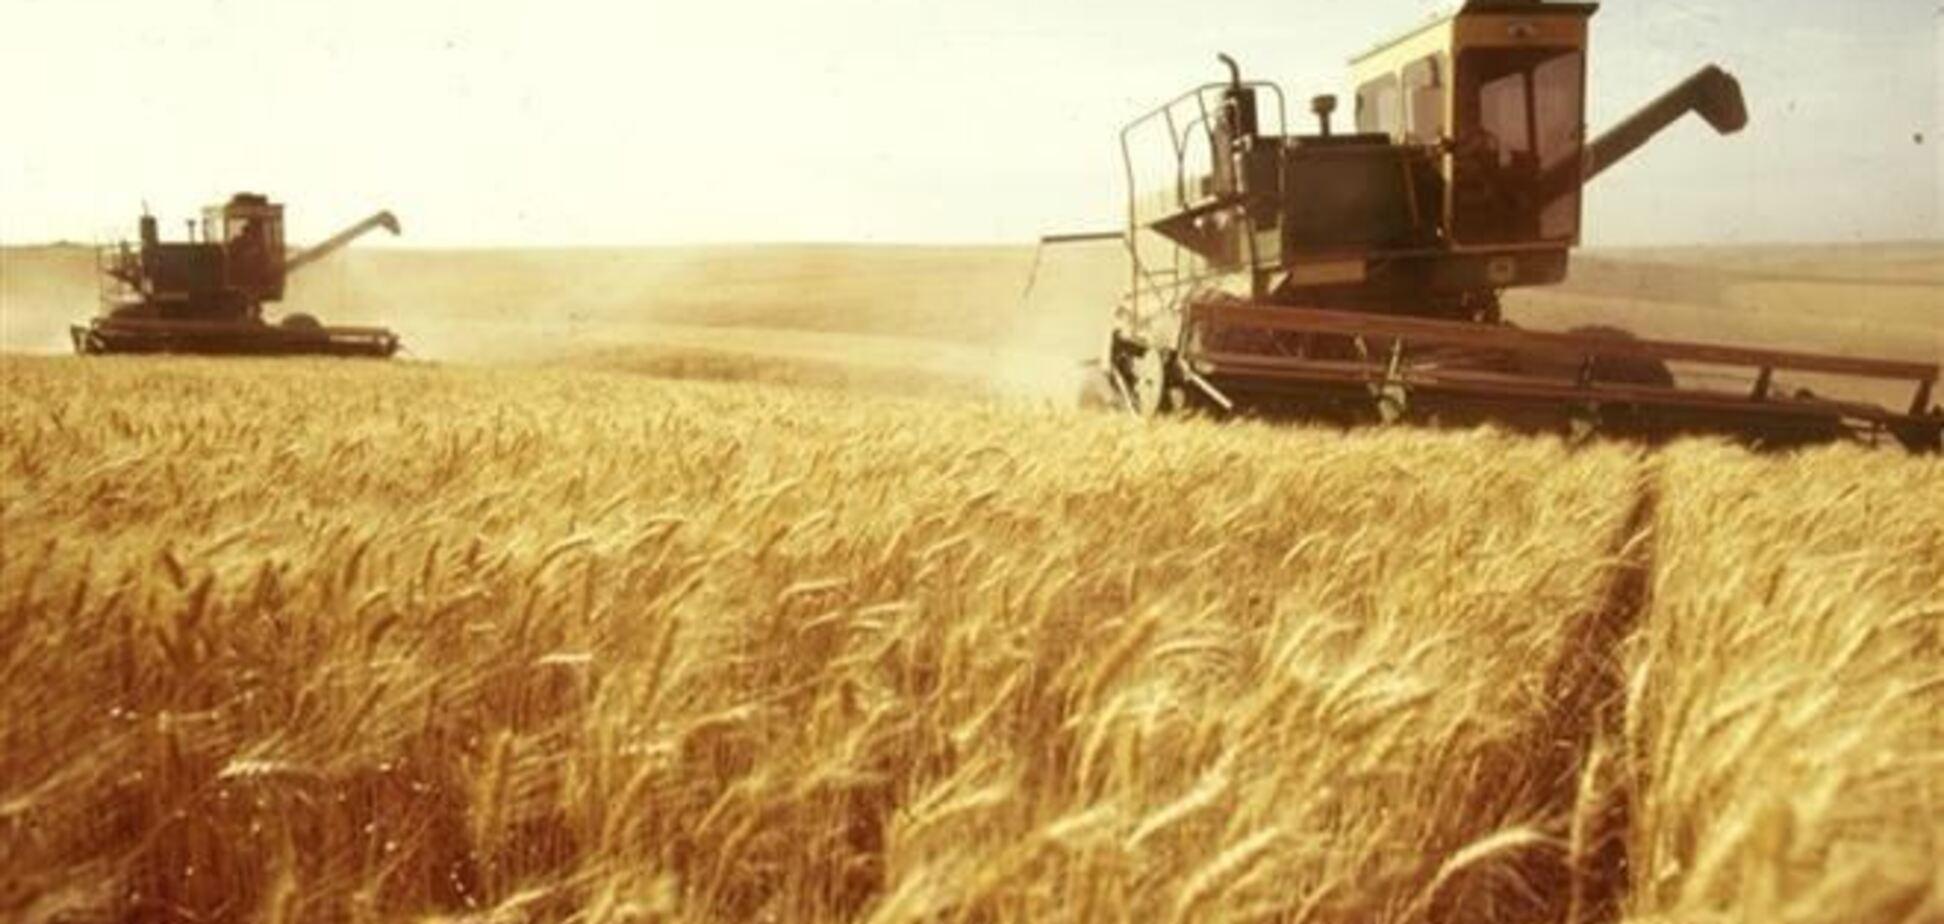 МинАПП: в Украине могут возникнуть проблемы с координацией экспорта продовольствия